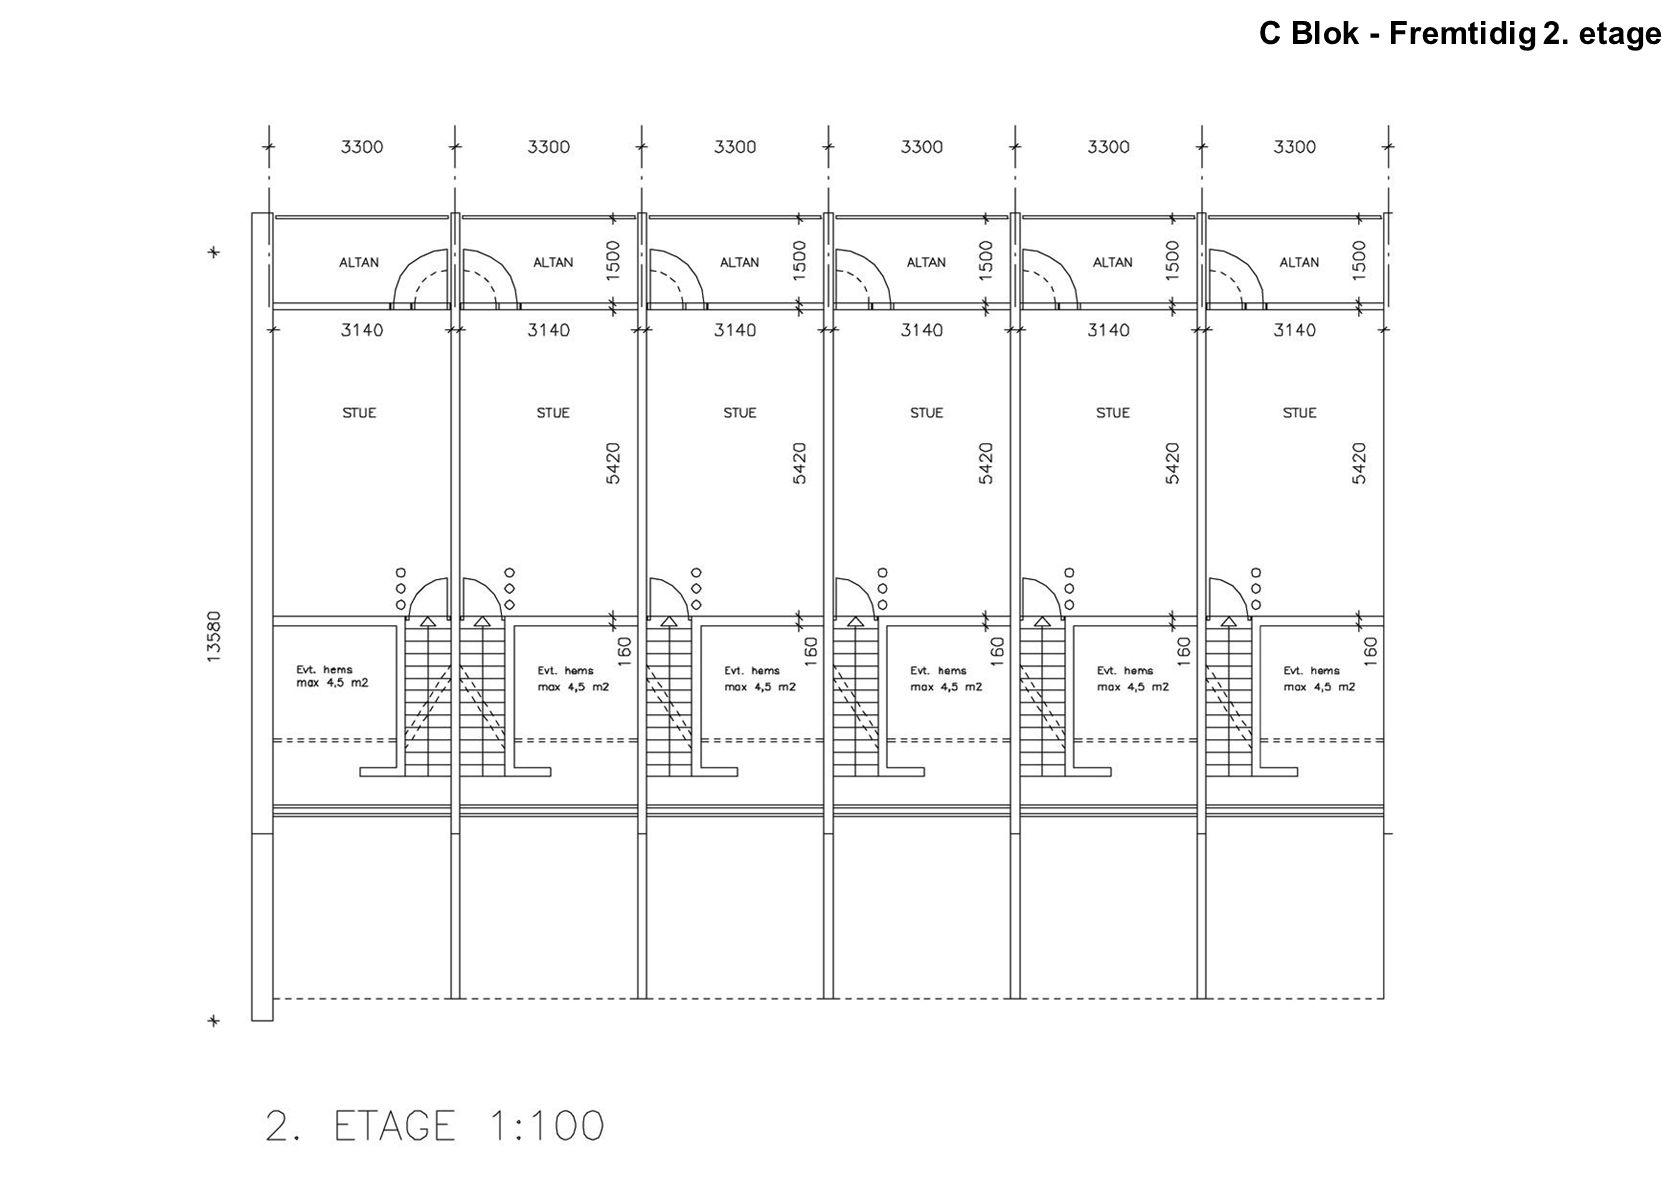 C Blok - Fremtidig 2. etage